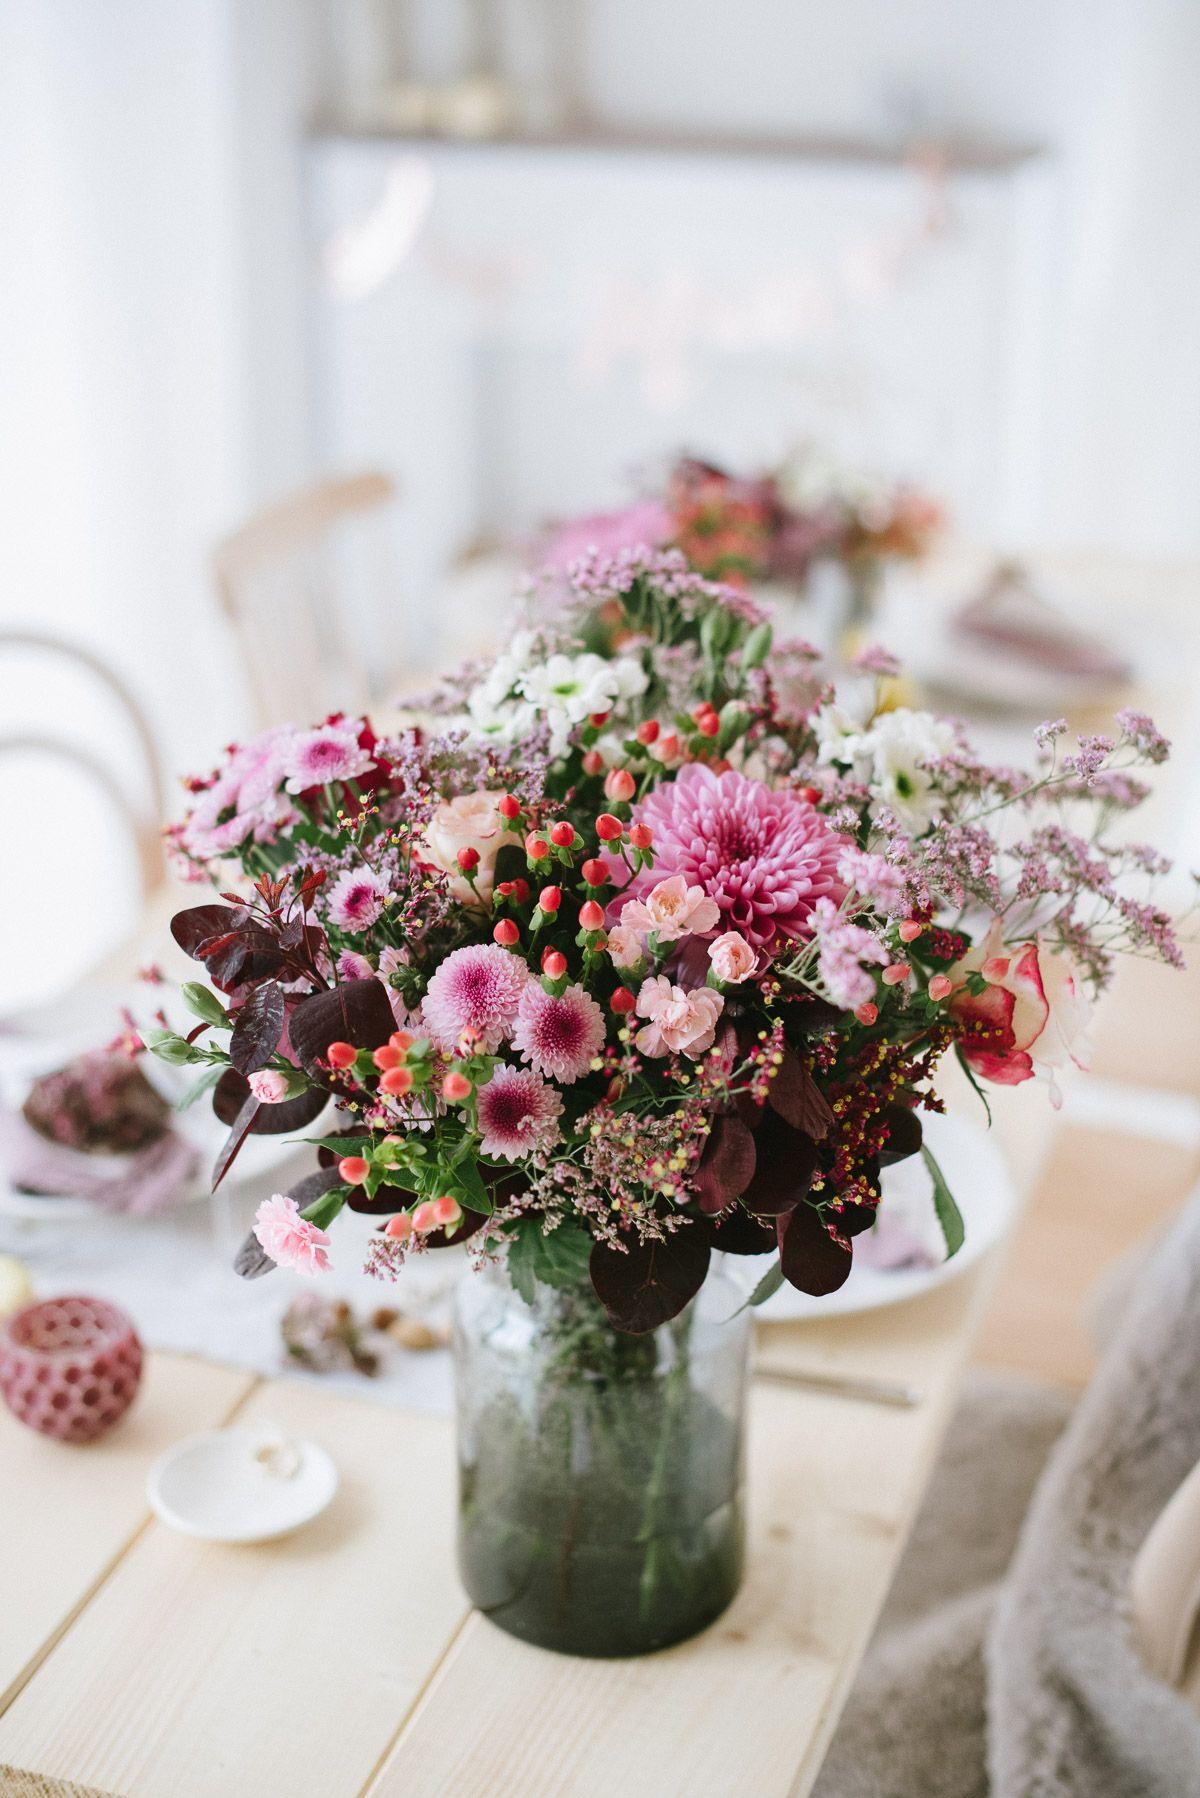 100 Flowers Die Schönsten Blumen Auf Pinterest Ideen Schöne Blumen Blumen Pfingstrosen